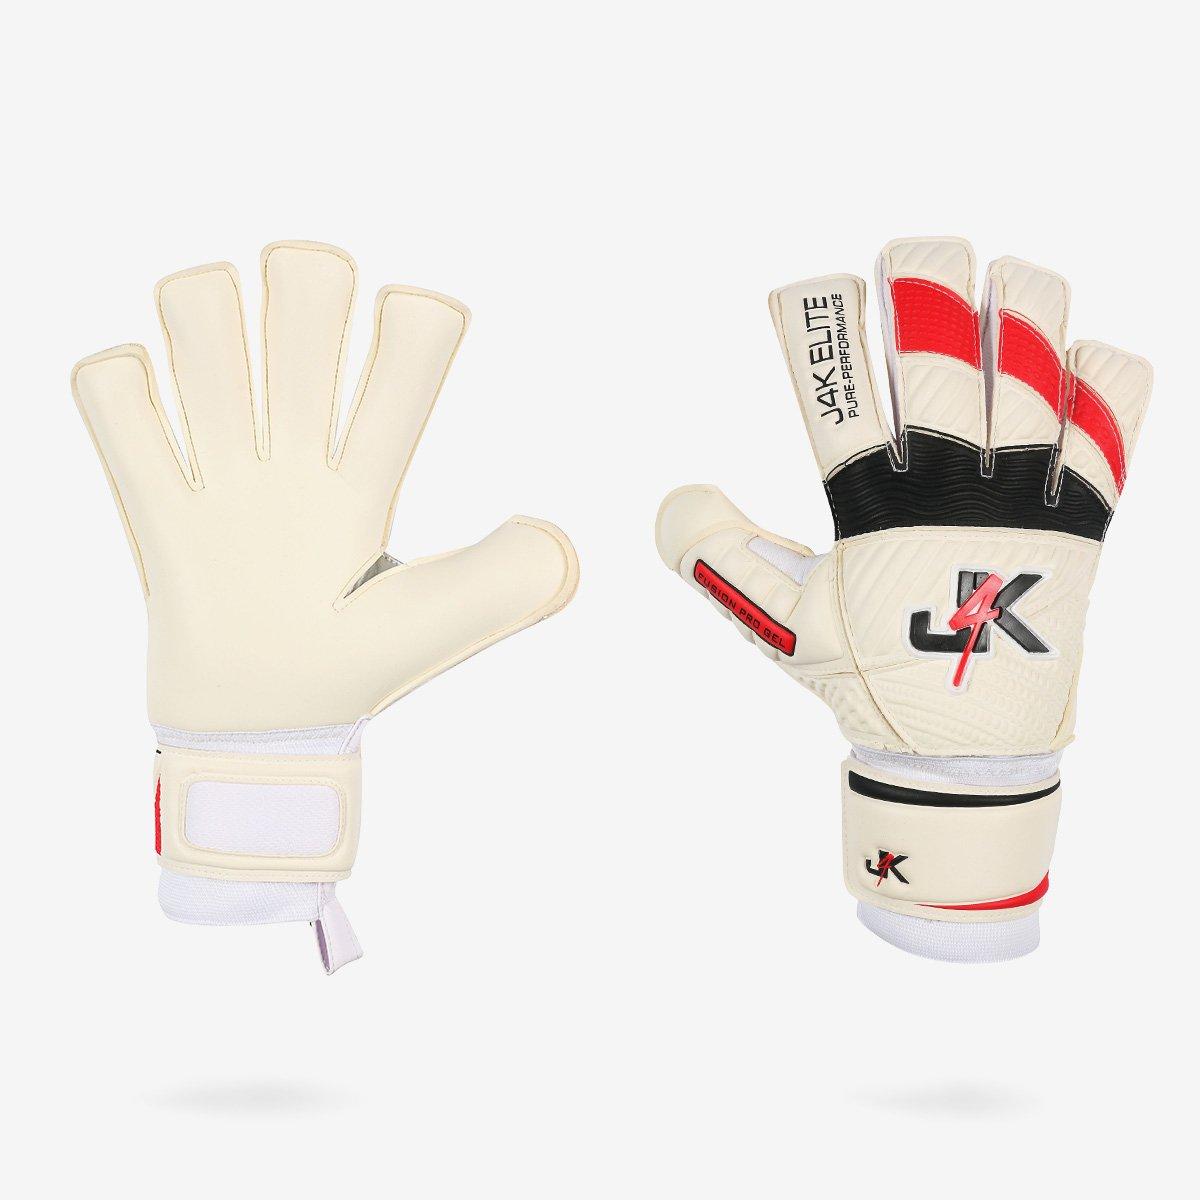 j4 K Fusion Pro Gelゴールキーパーサッカーゴールキーパーキーパーグローブ(サイズ6 ) B0785X72BV